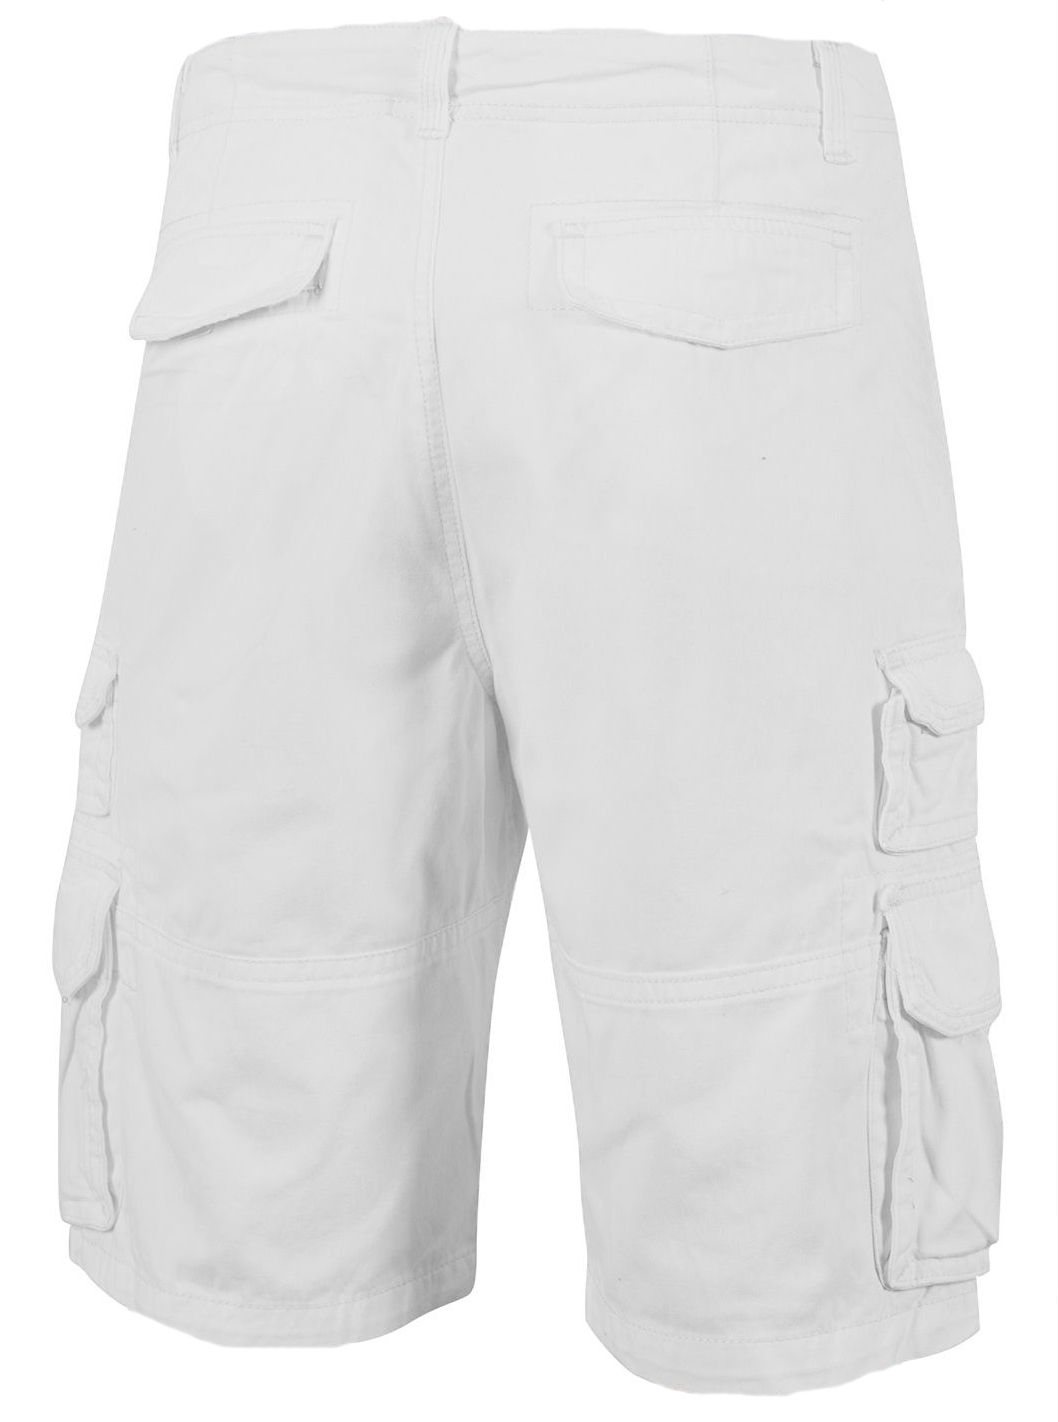 Заказать белые мужские шорты